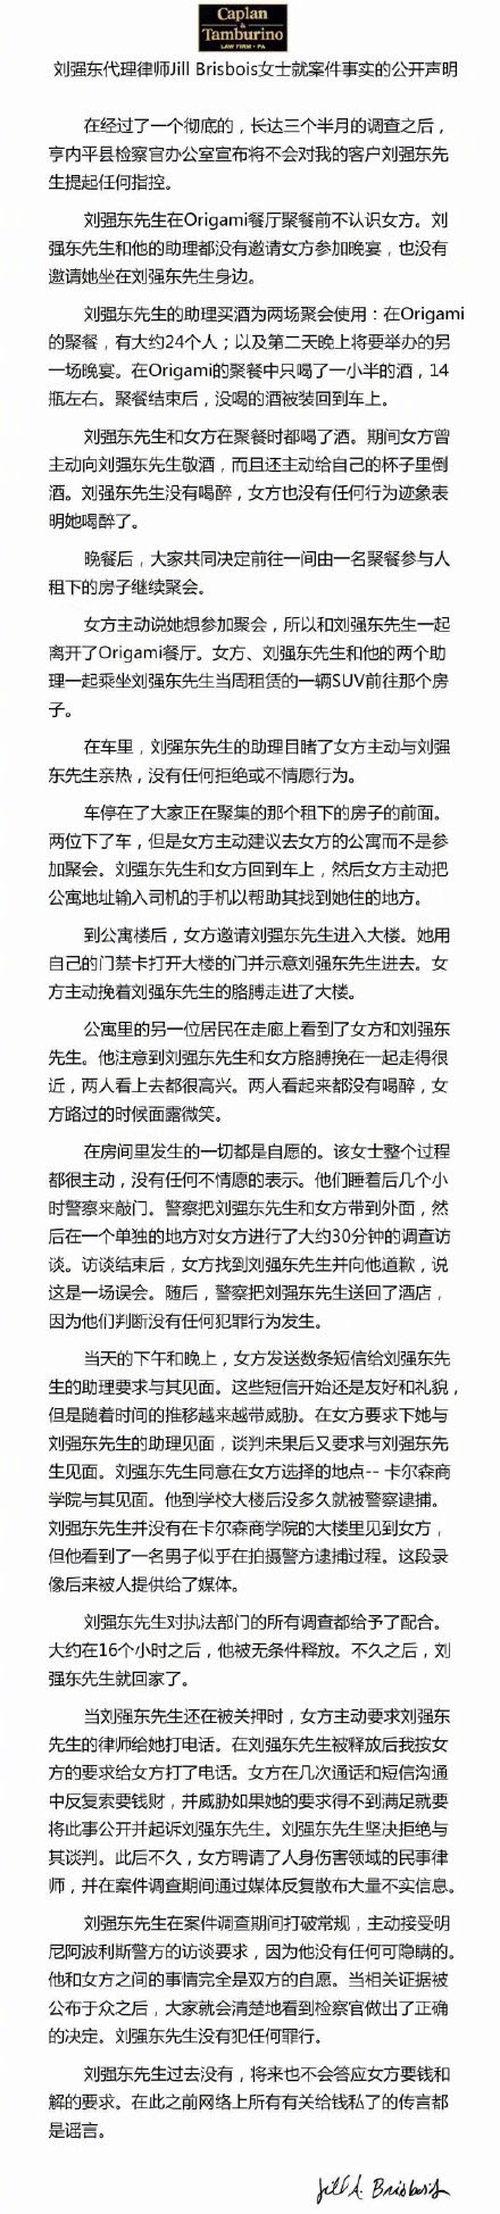 刘强东致歉:第一时间已向妻子坦诚事实,今后会竭力弥补